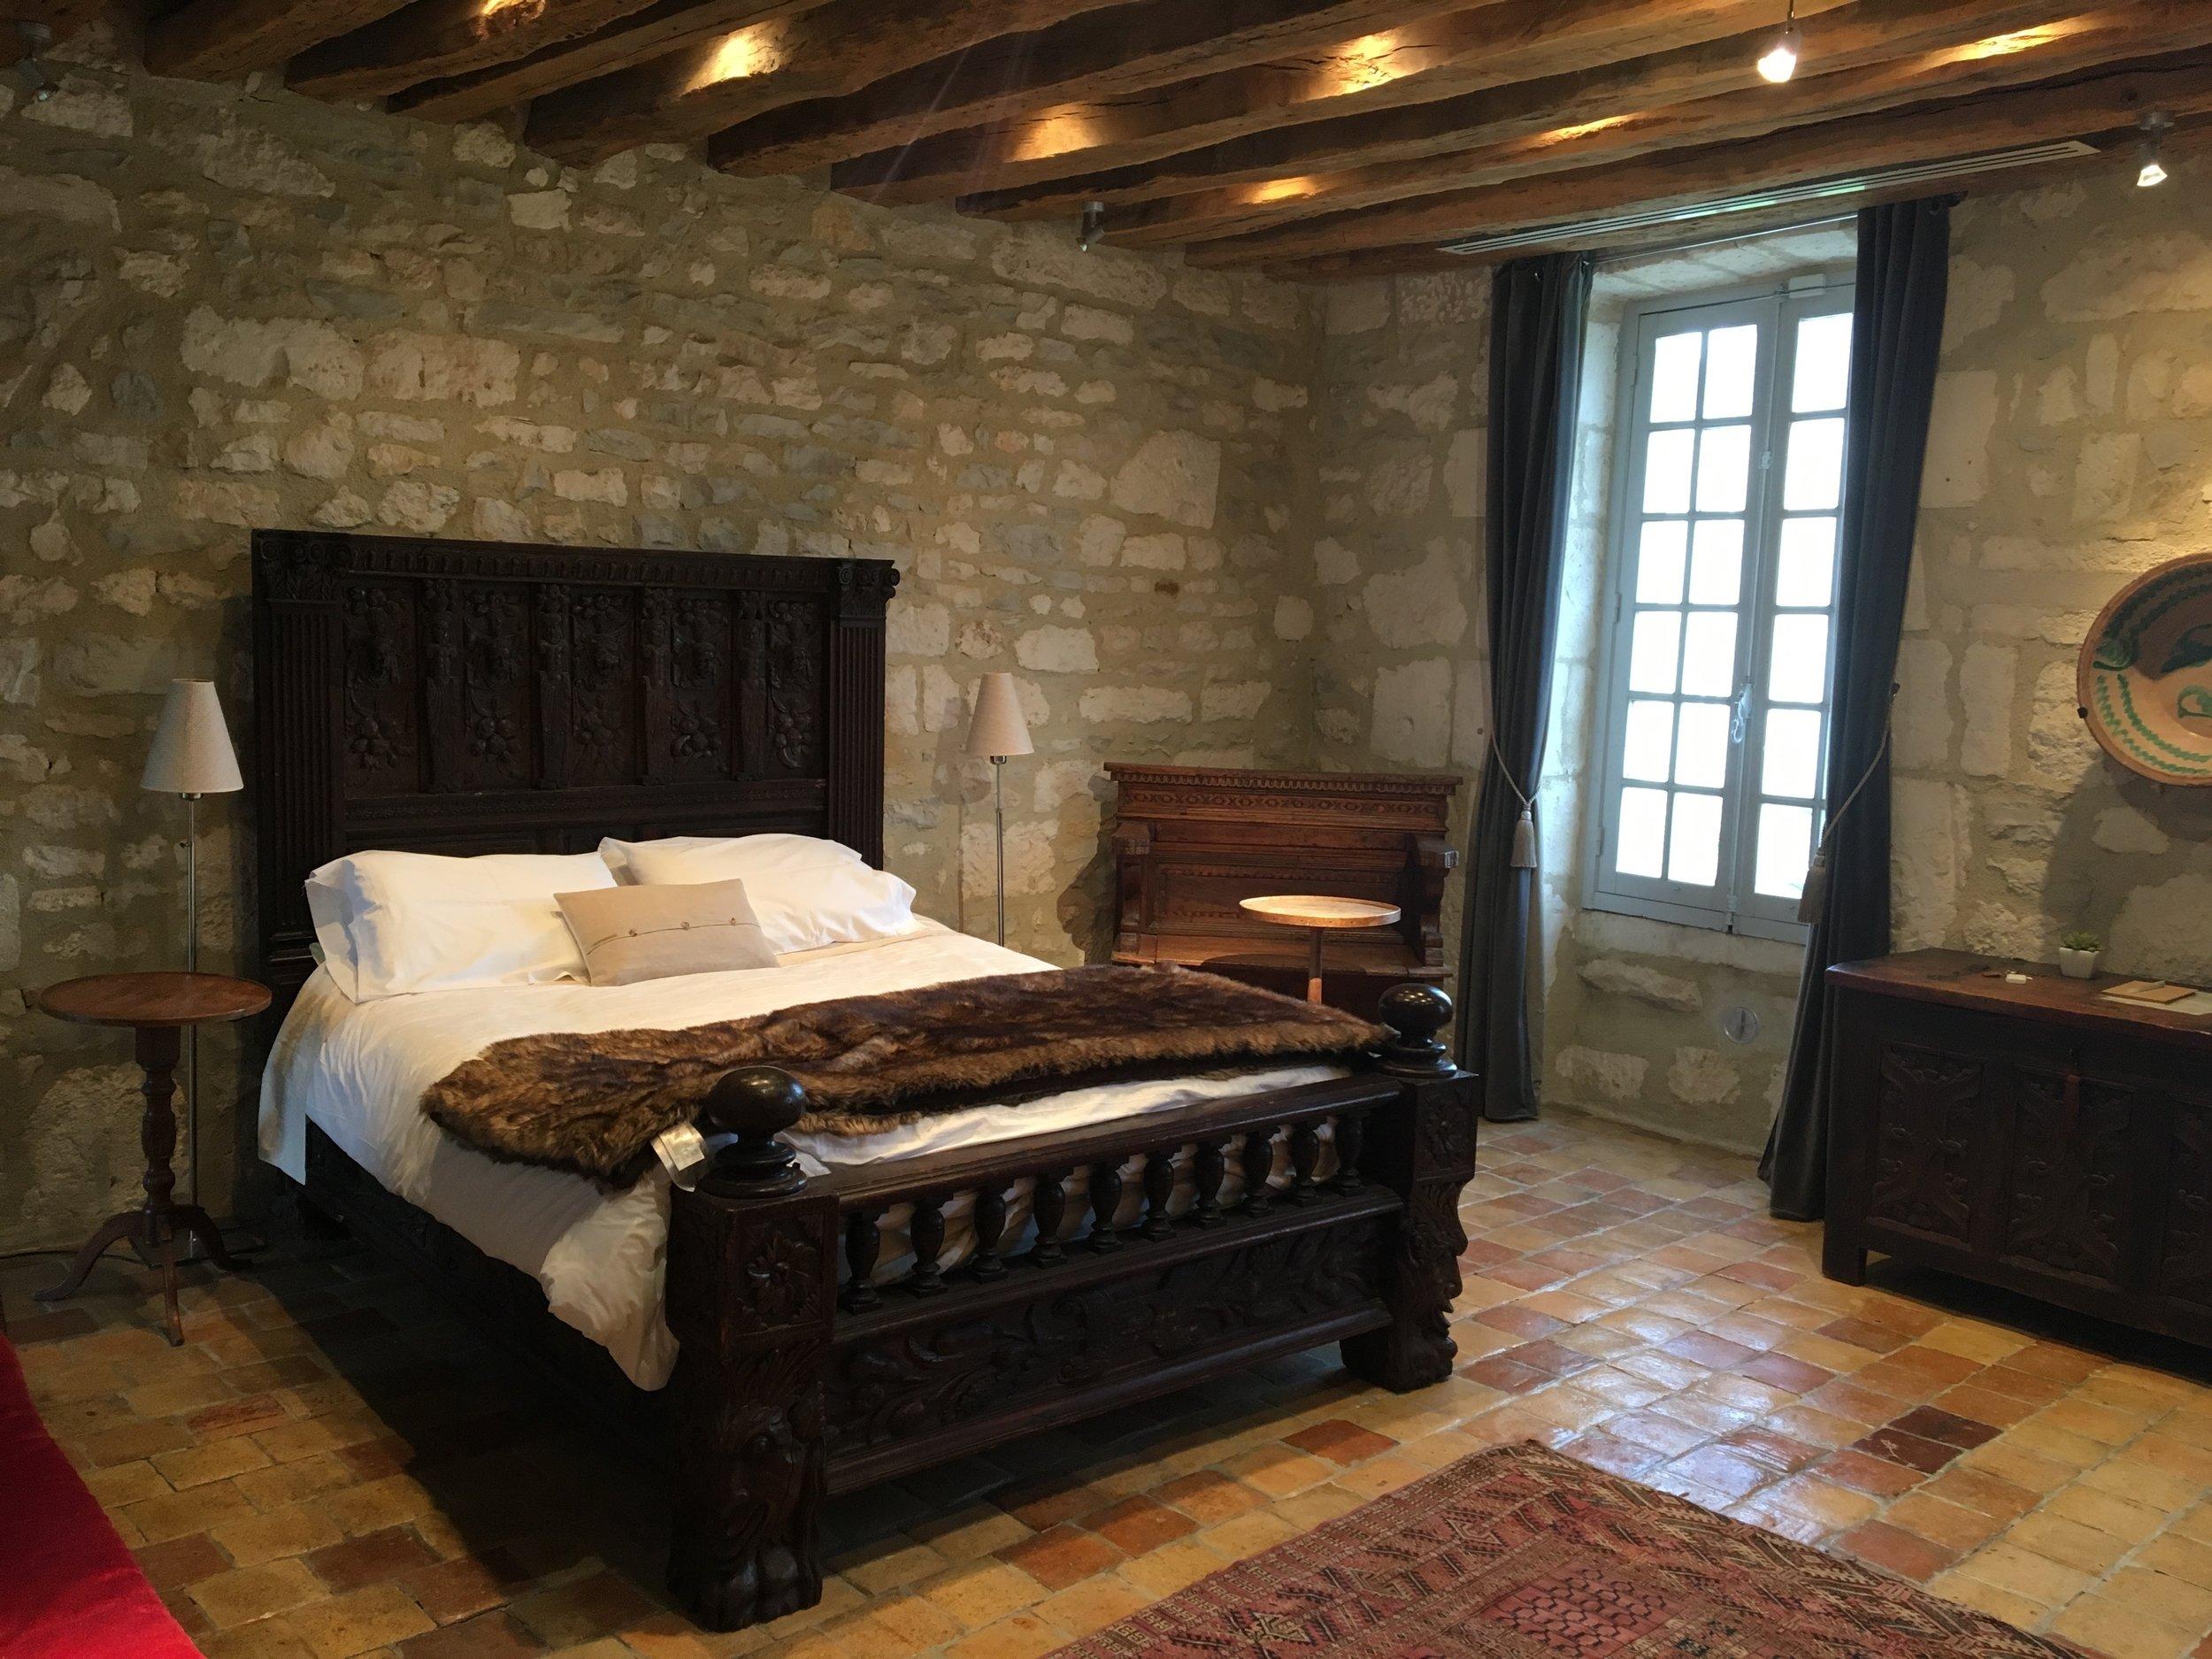 Bedroom_Horizontal1.jpg